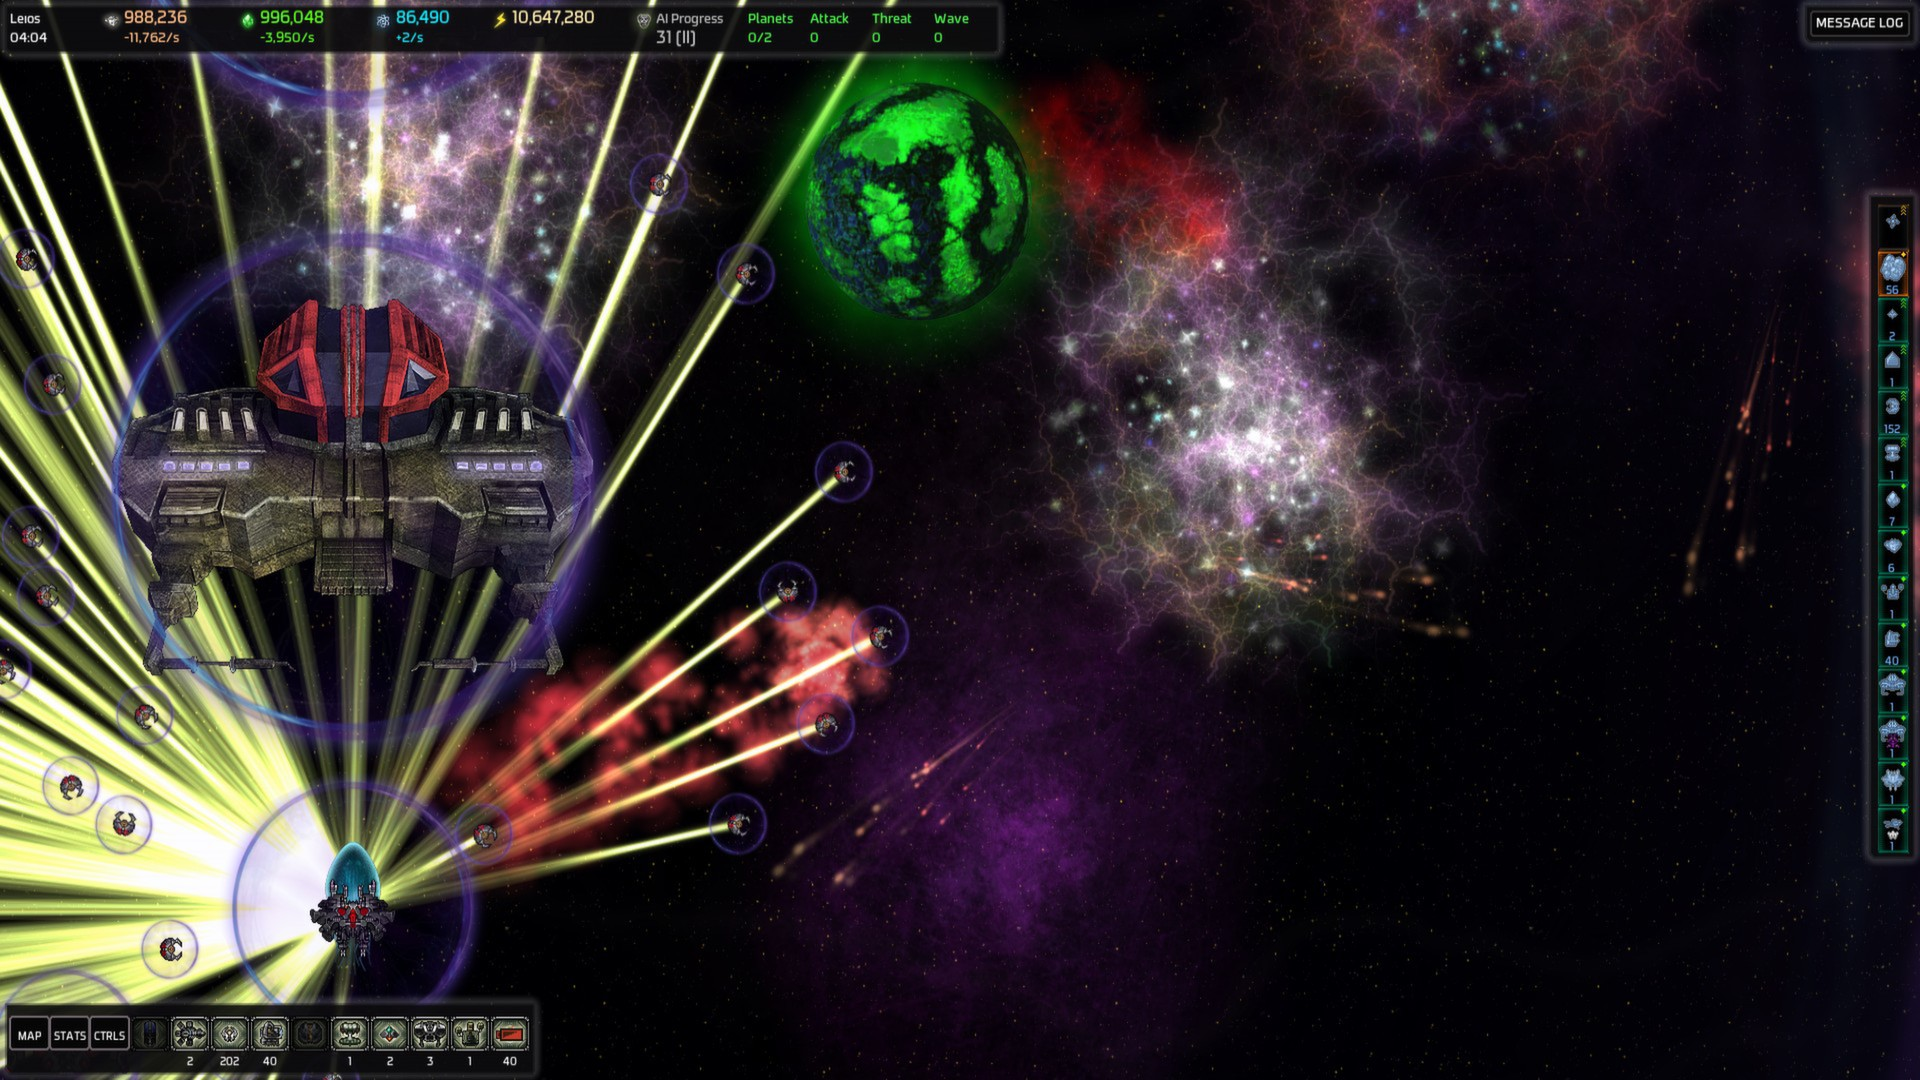 com.steam.40400-screenshot